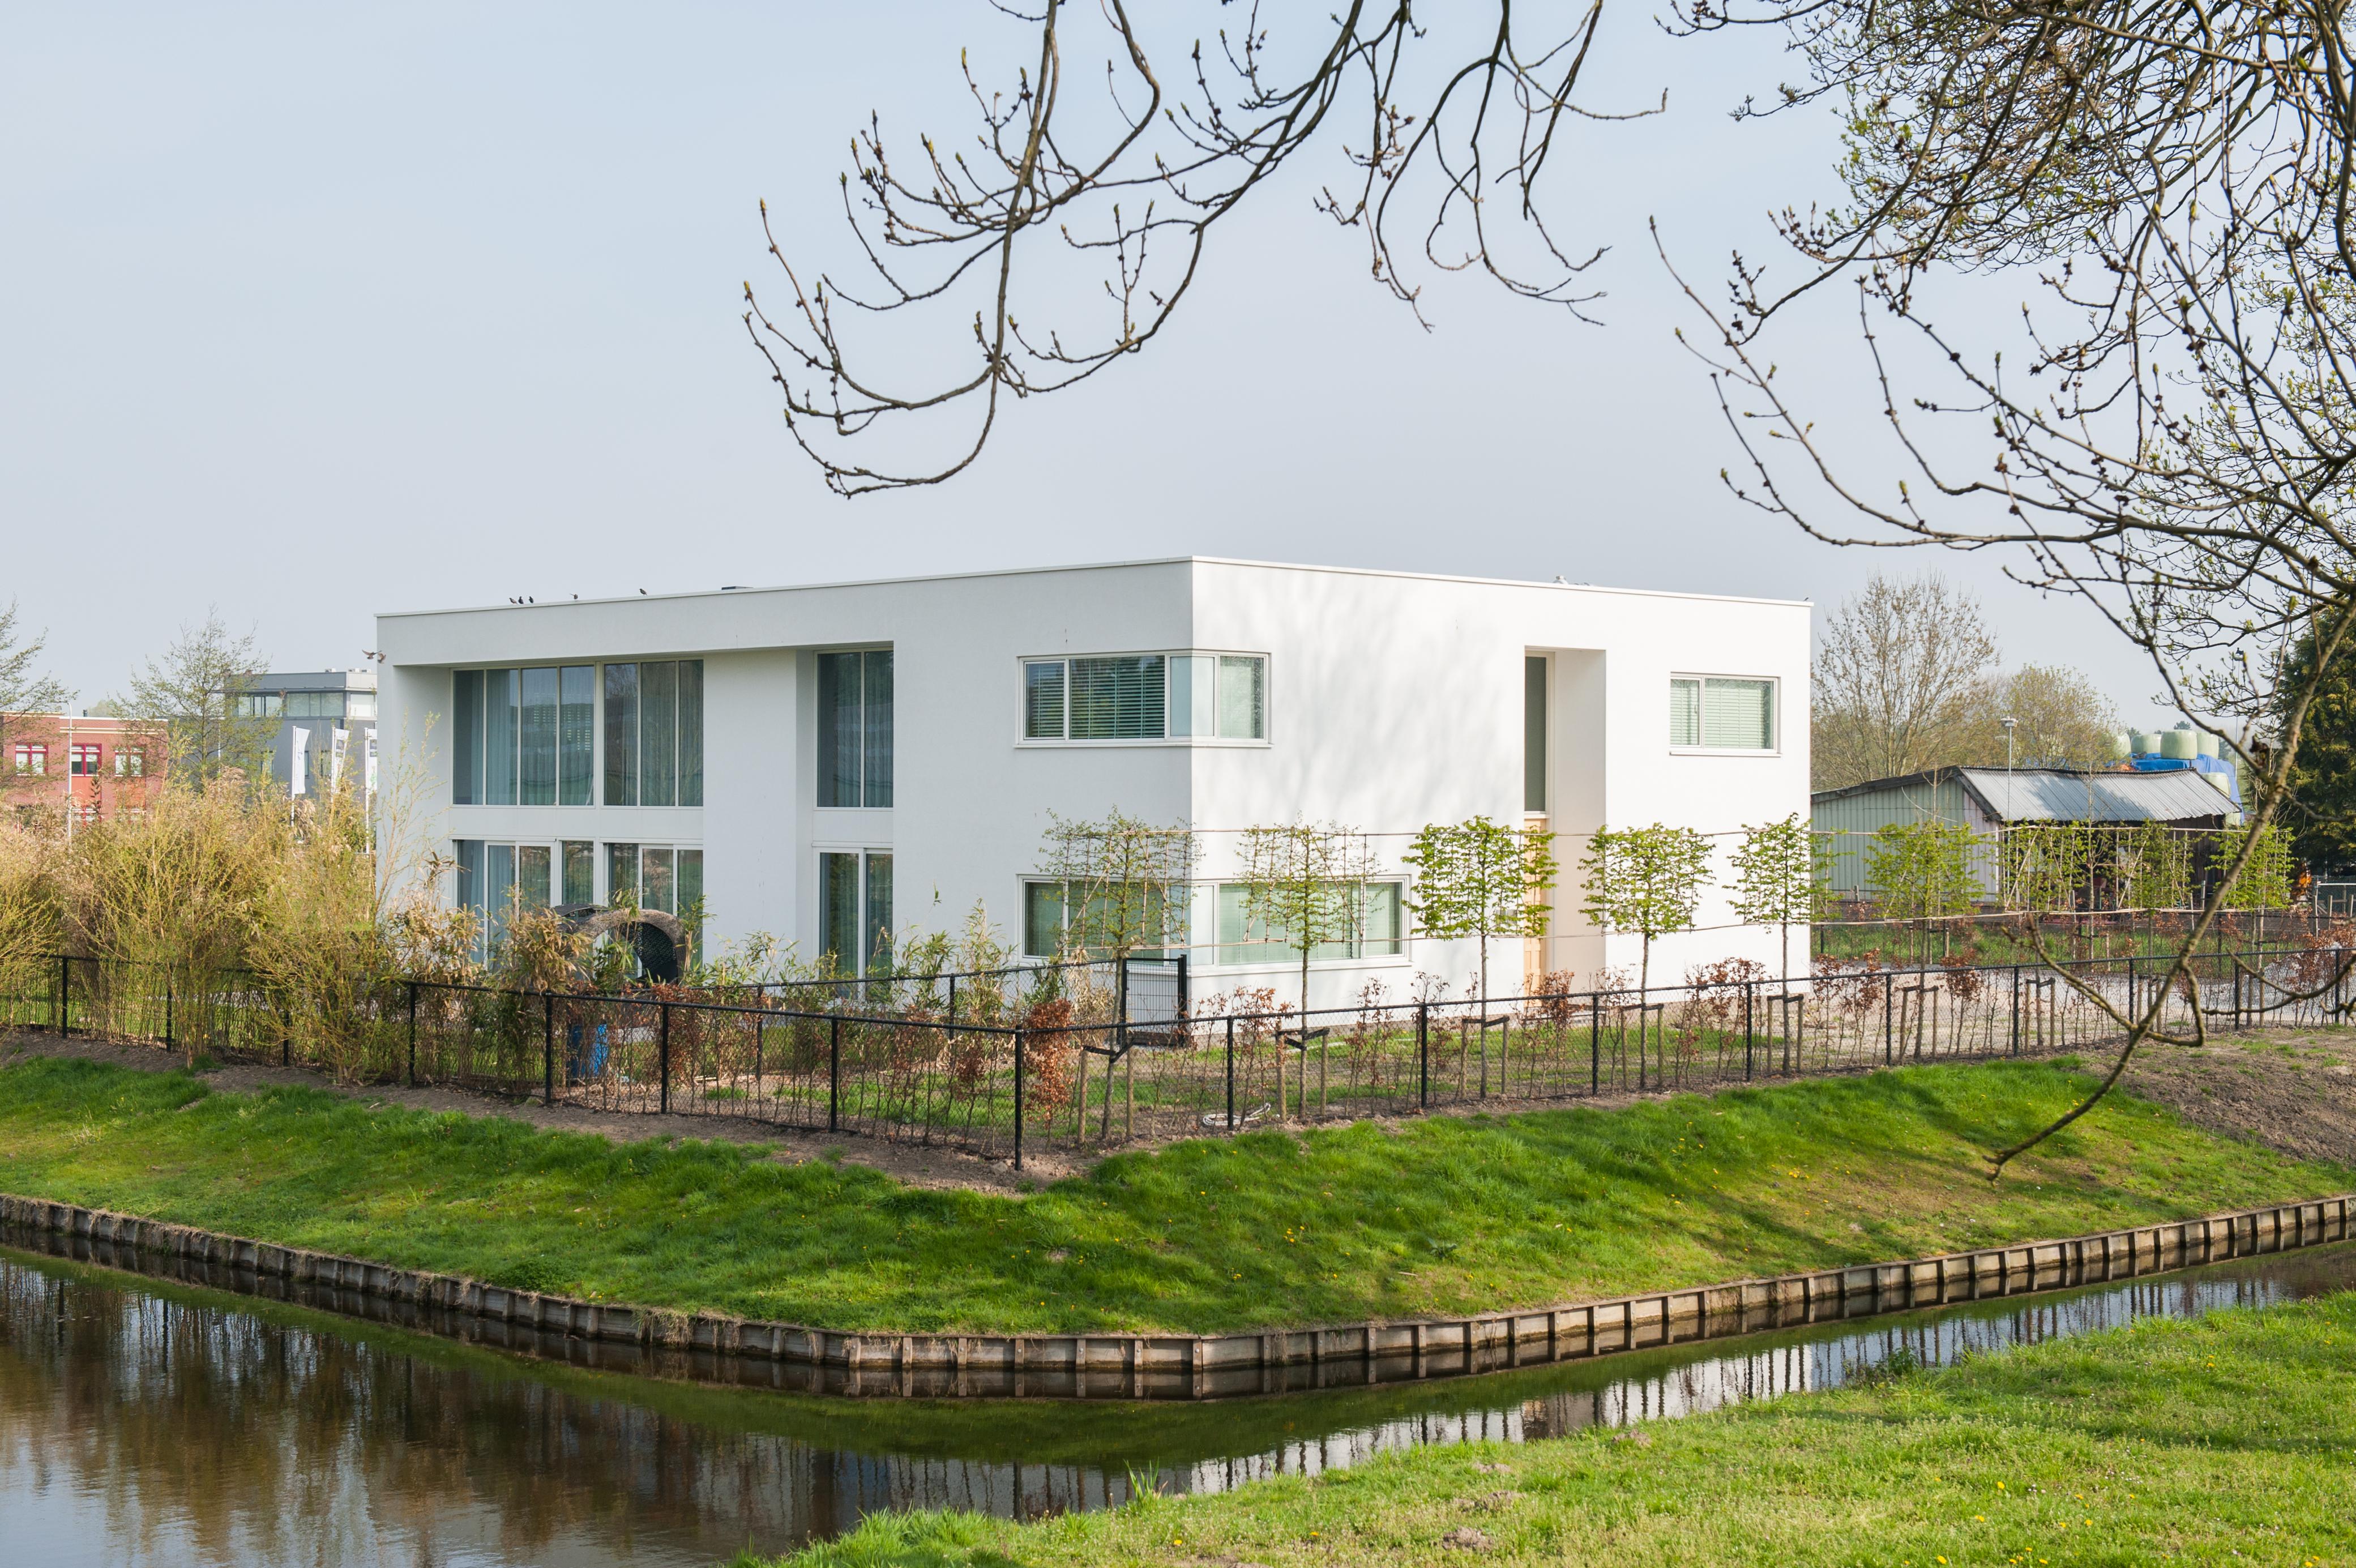 Bouwbedrijf zoeteman rijsdijk: wonen aan de dijk zoeteman bouw en